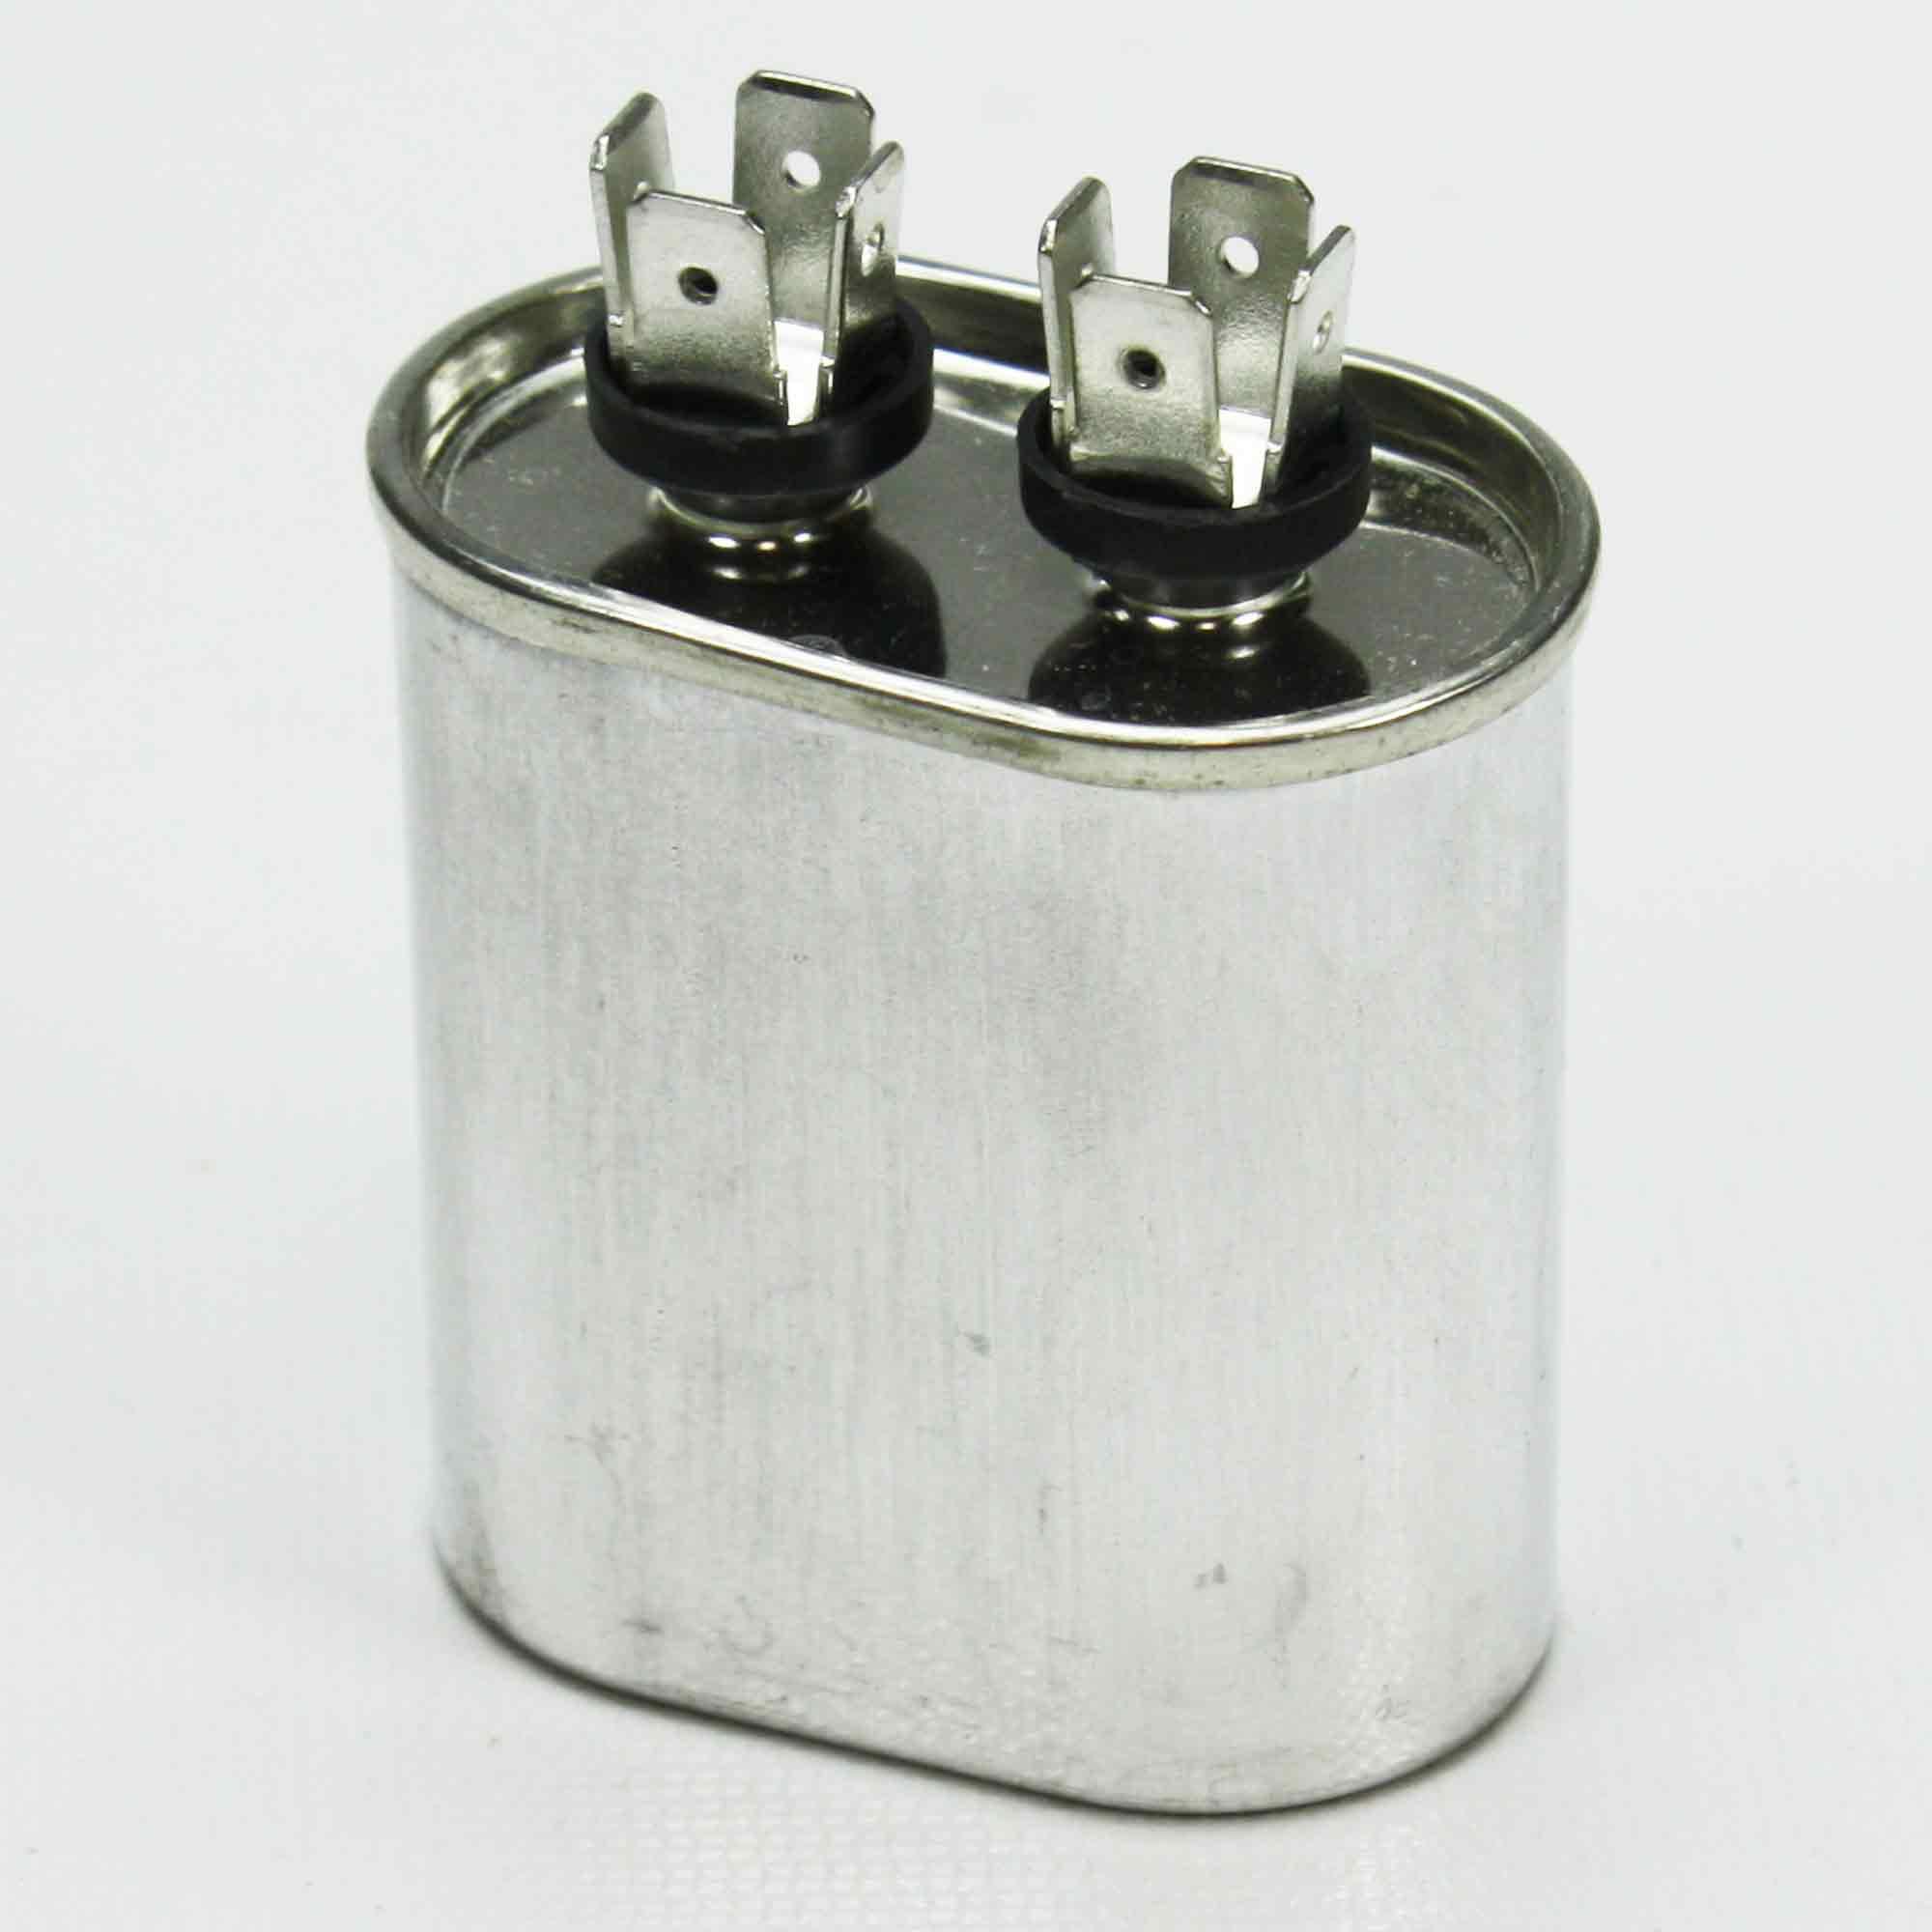 Oval motor run capacitor 5 mfd 370 vac ebay for 370 volt 10 mfd motor run oval capacitor